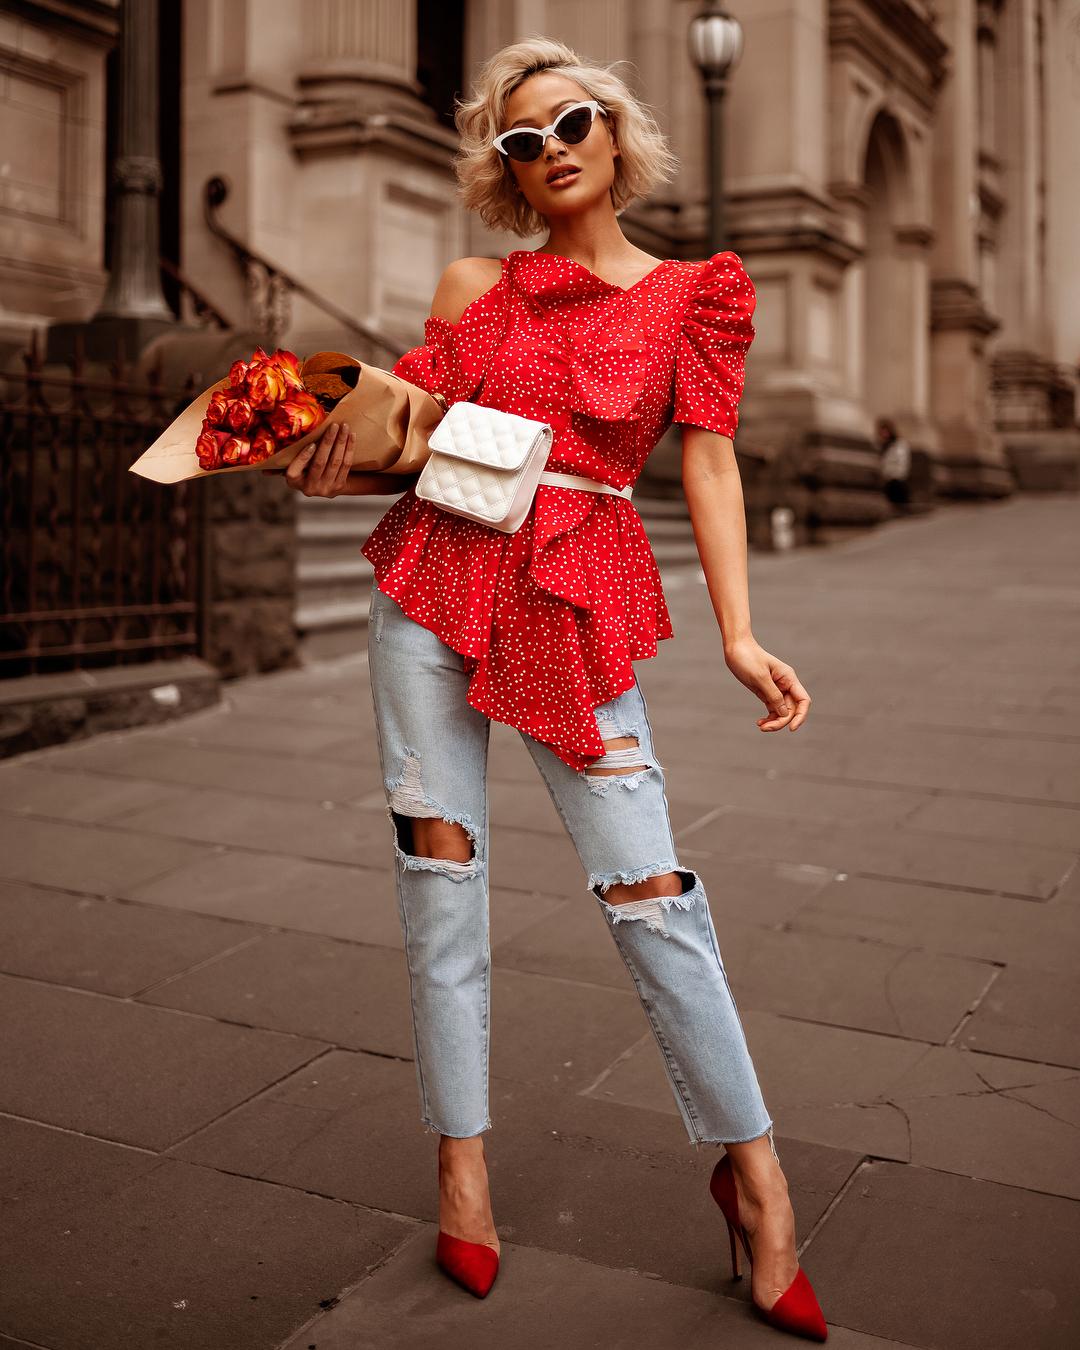 модный летние образы в красном цвете фото 5